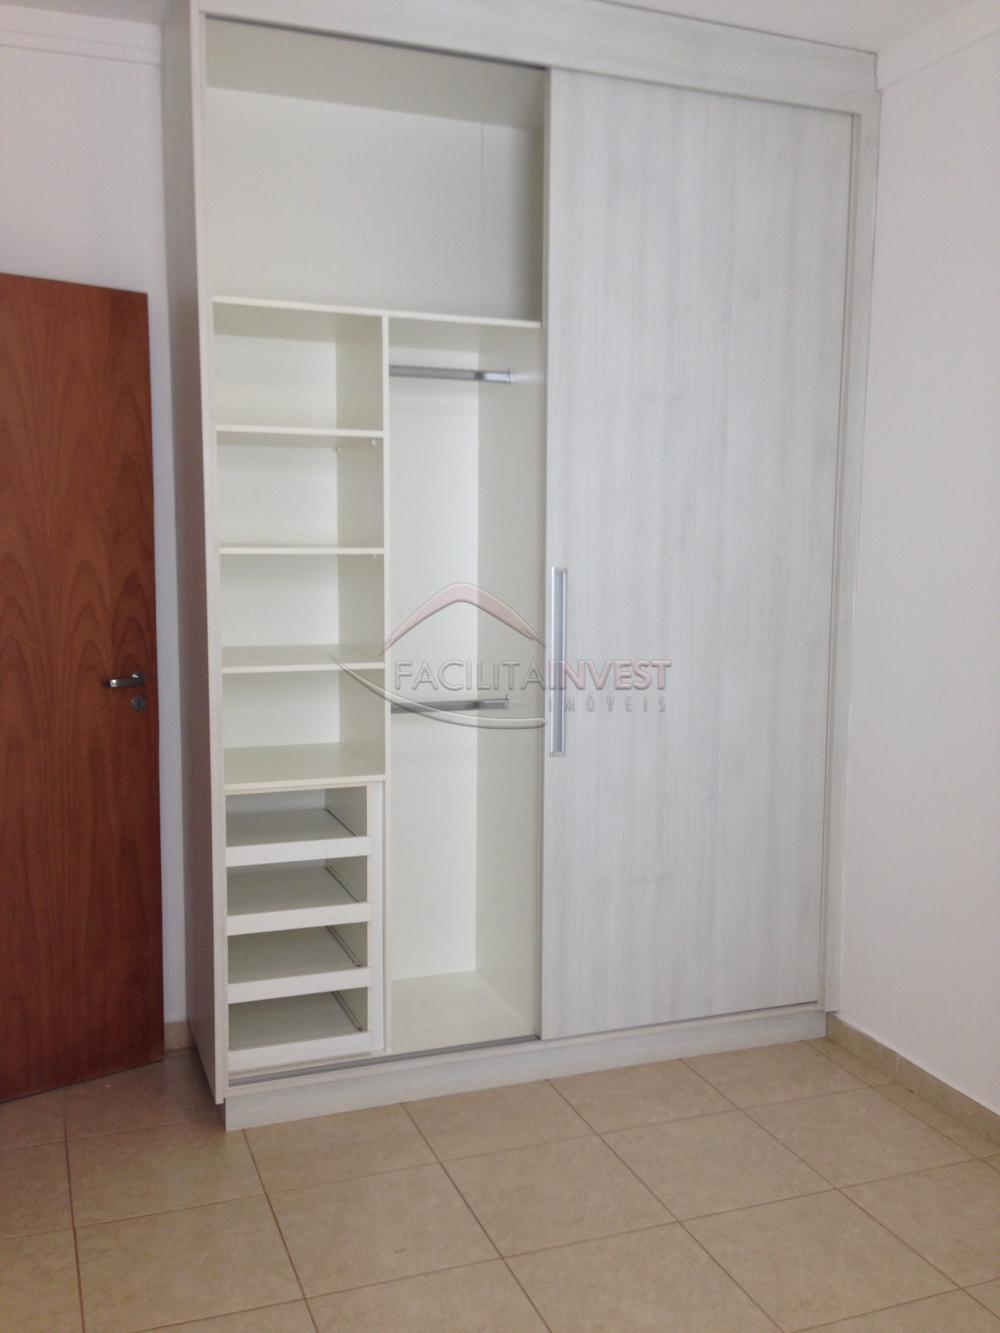 Alugar Apartamentos / Apart. Padrão em Ribeirão Preto apenas R$ 1.300,00 - Foto 15